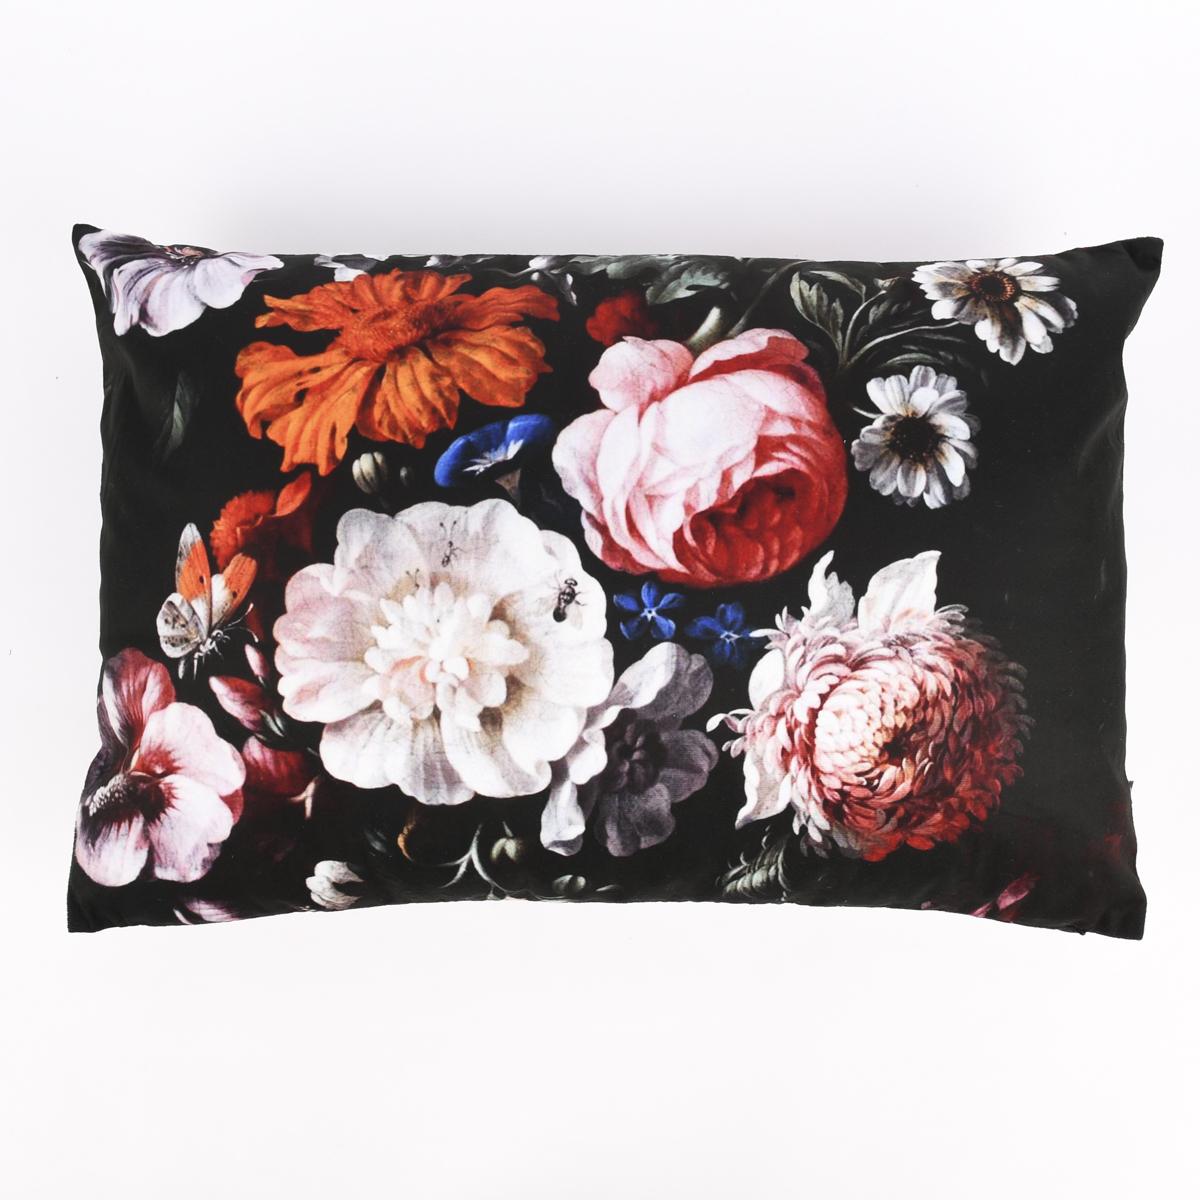 Deko Kissen Samtoptik Blumen-Bouquet Vintage Flowers schwarz 40x60cm